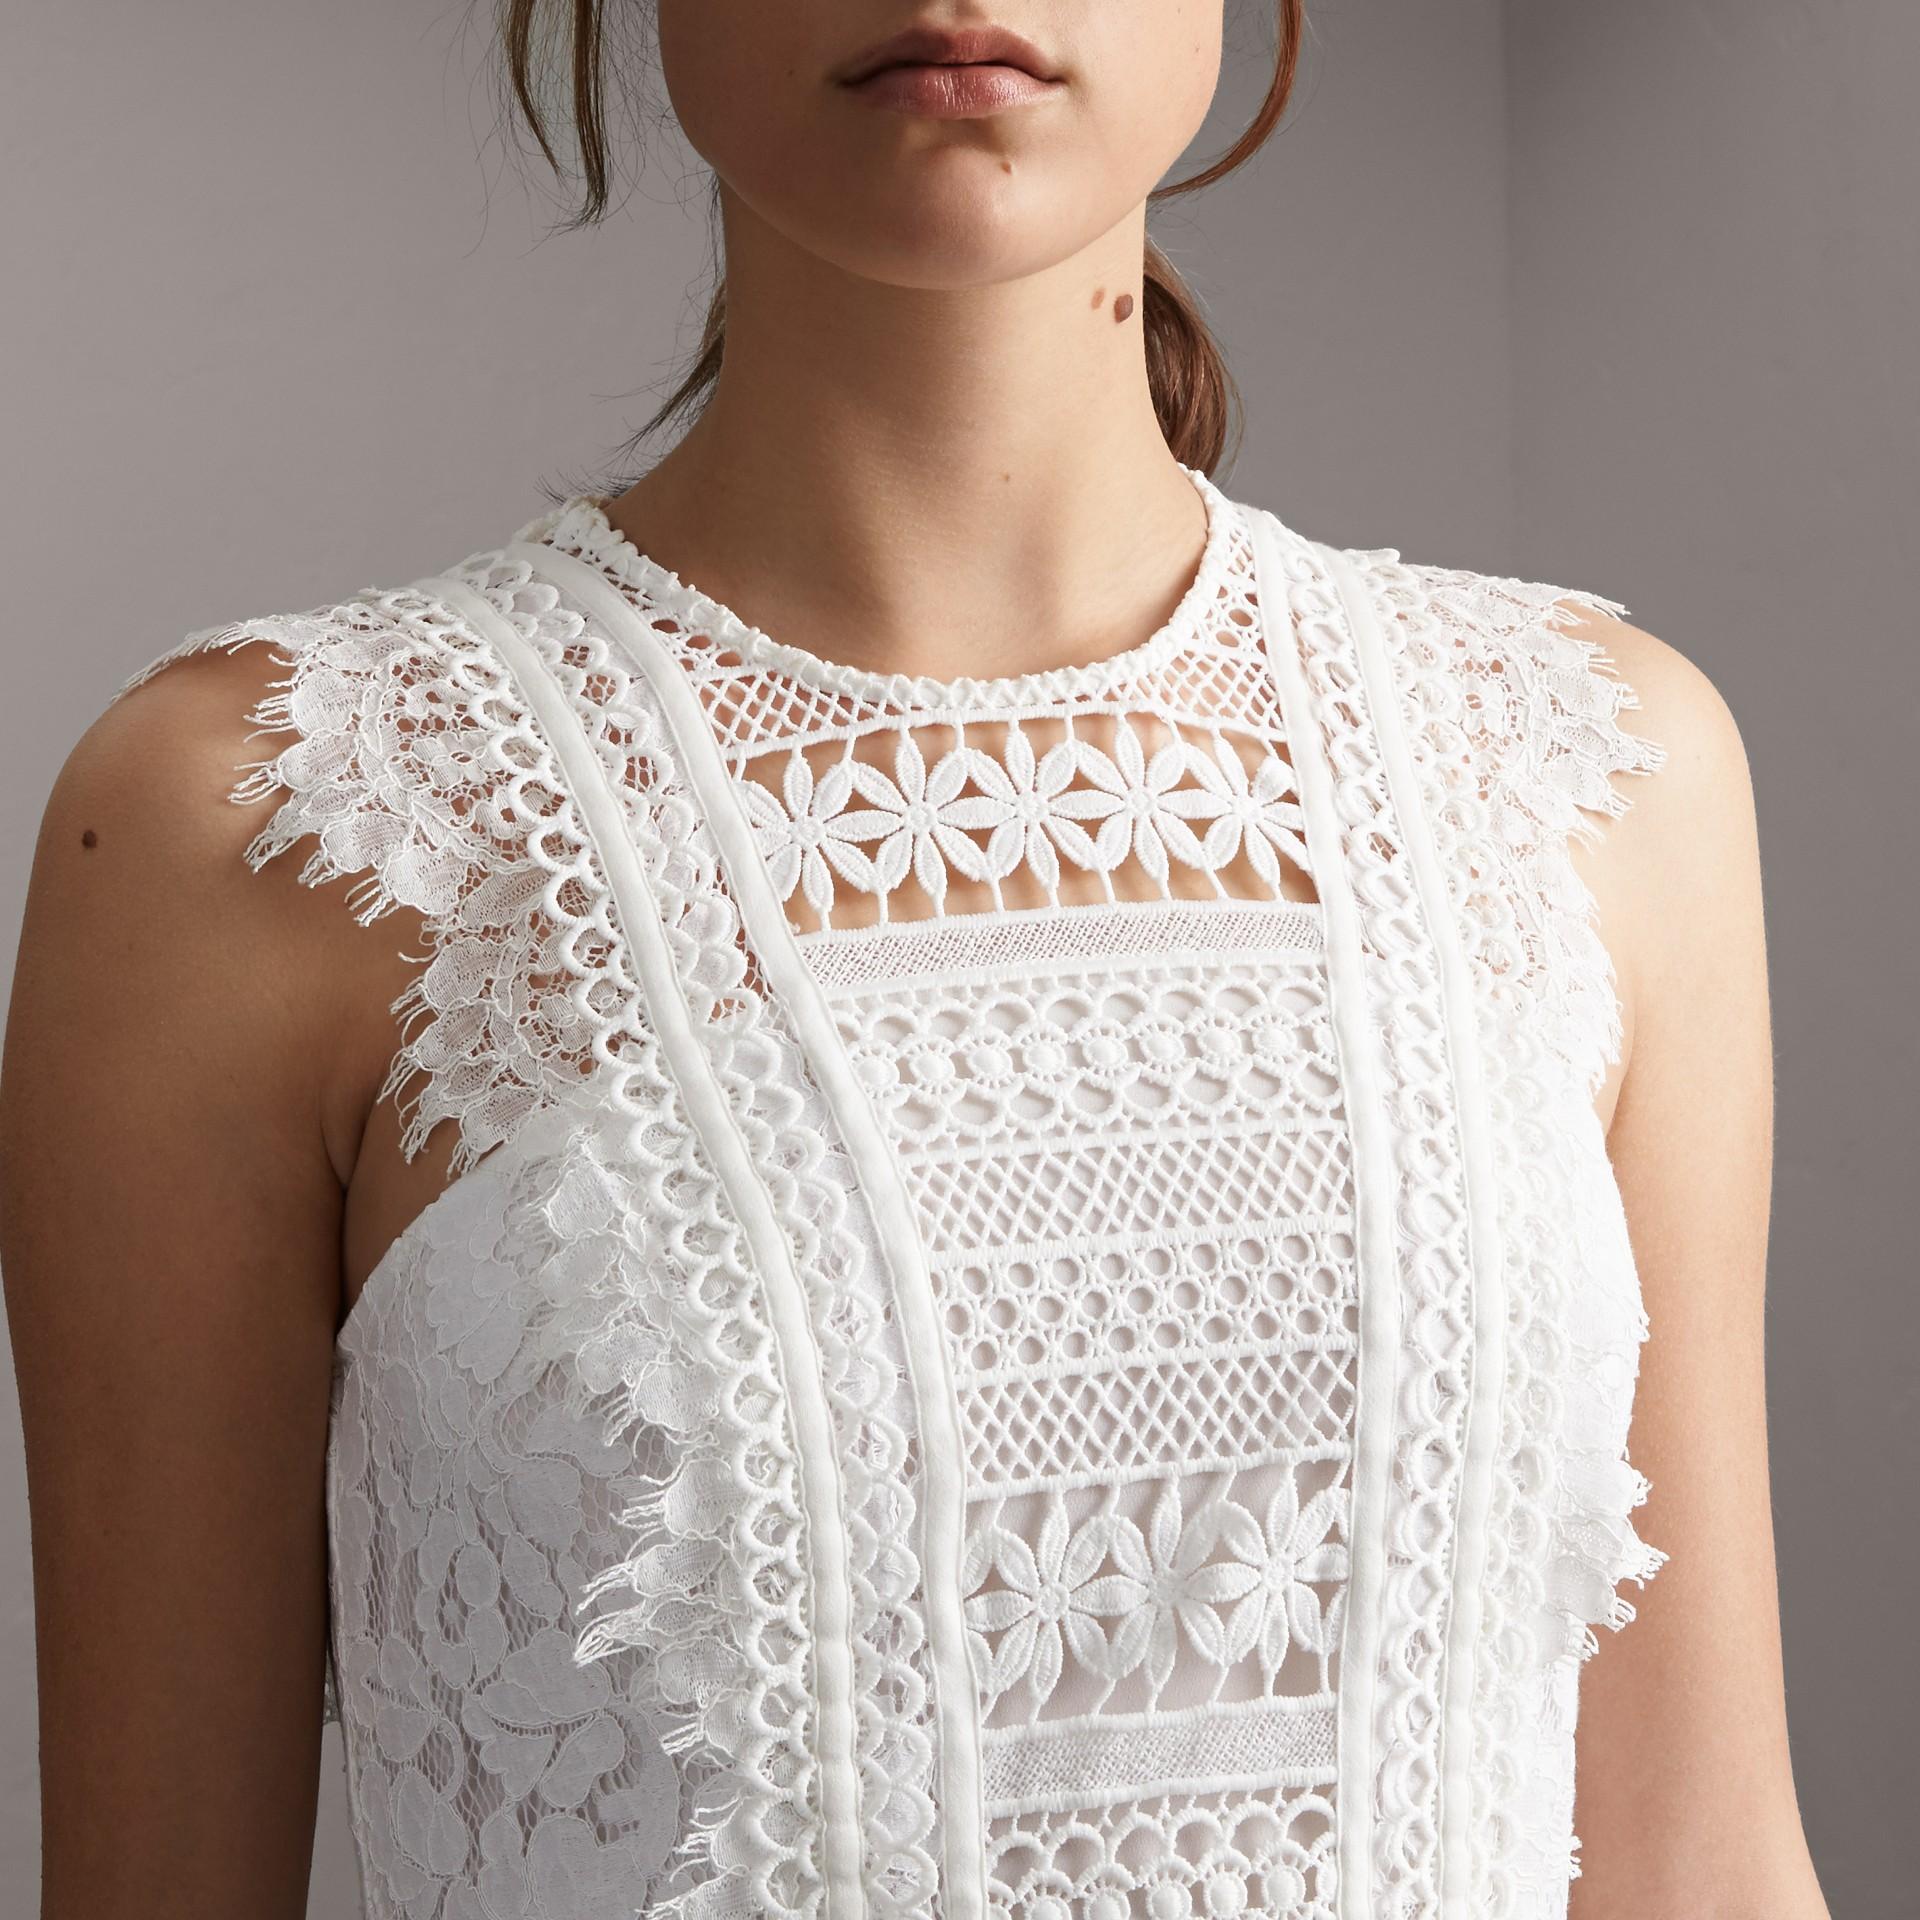 スリーブレス マクラメレース ドレス - ウィメンズ | バーバリー - ギャラリーイメージ 5